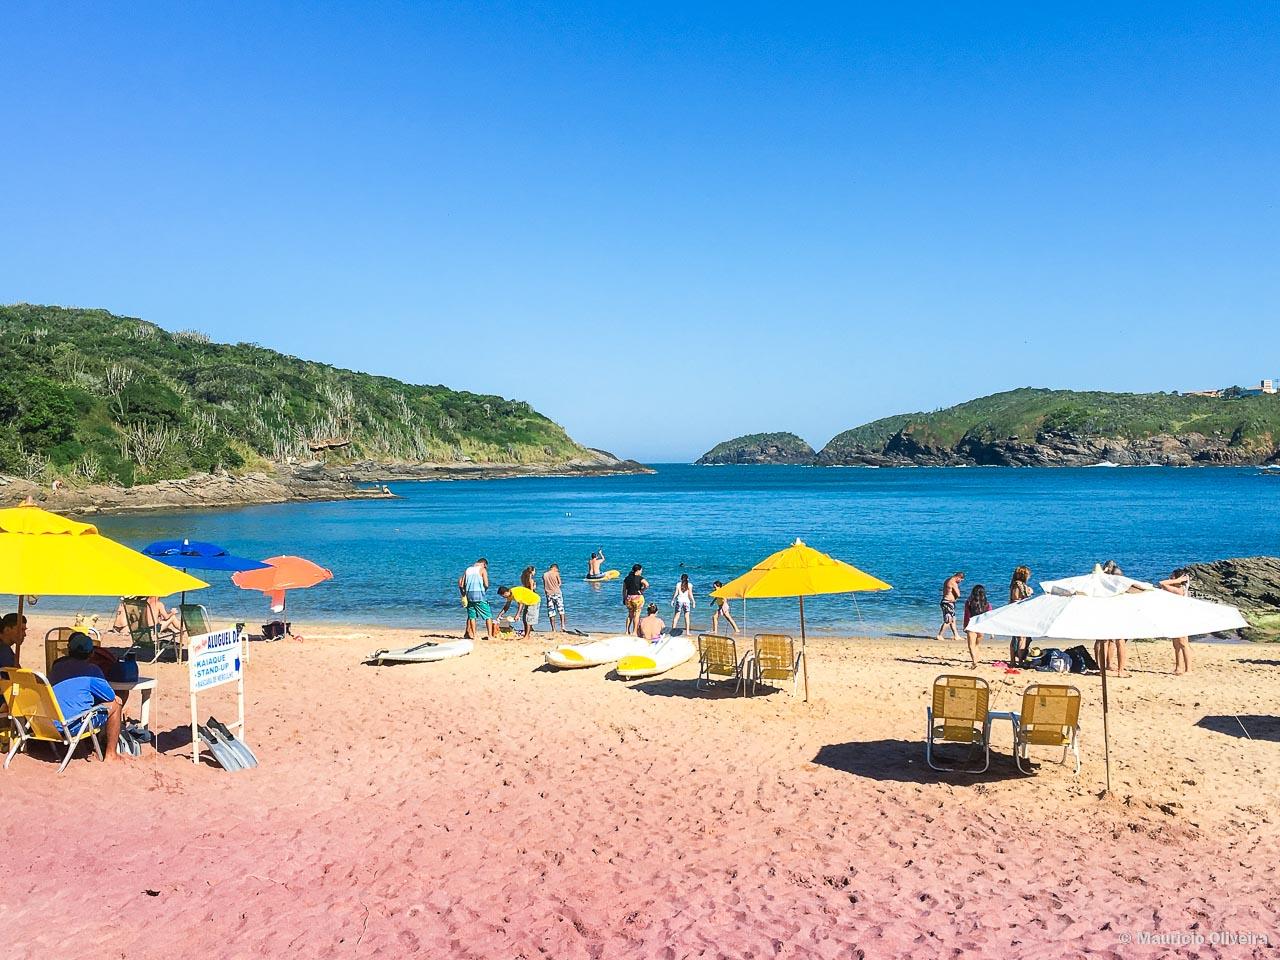 Praia do Forno - Praia de areia Rosa em Búzios